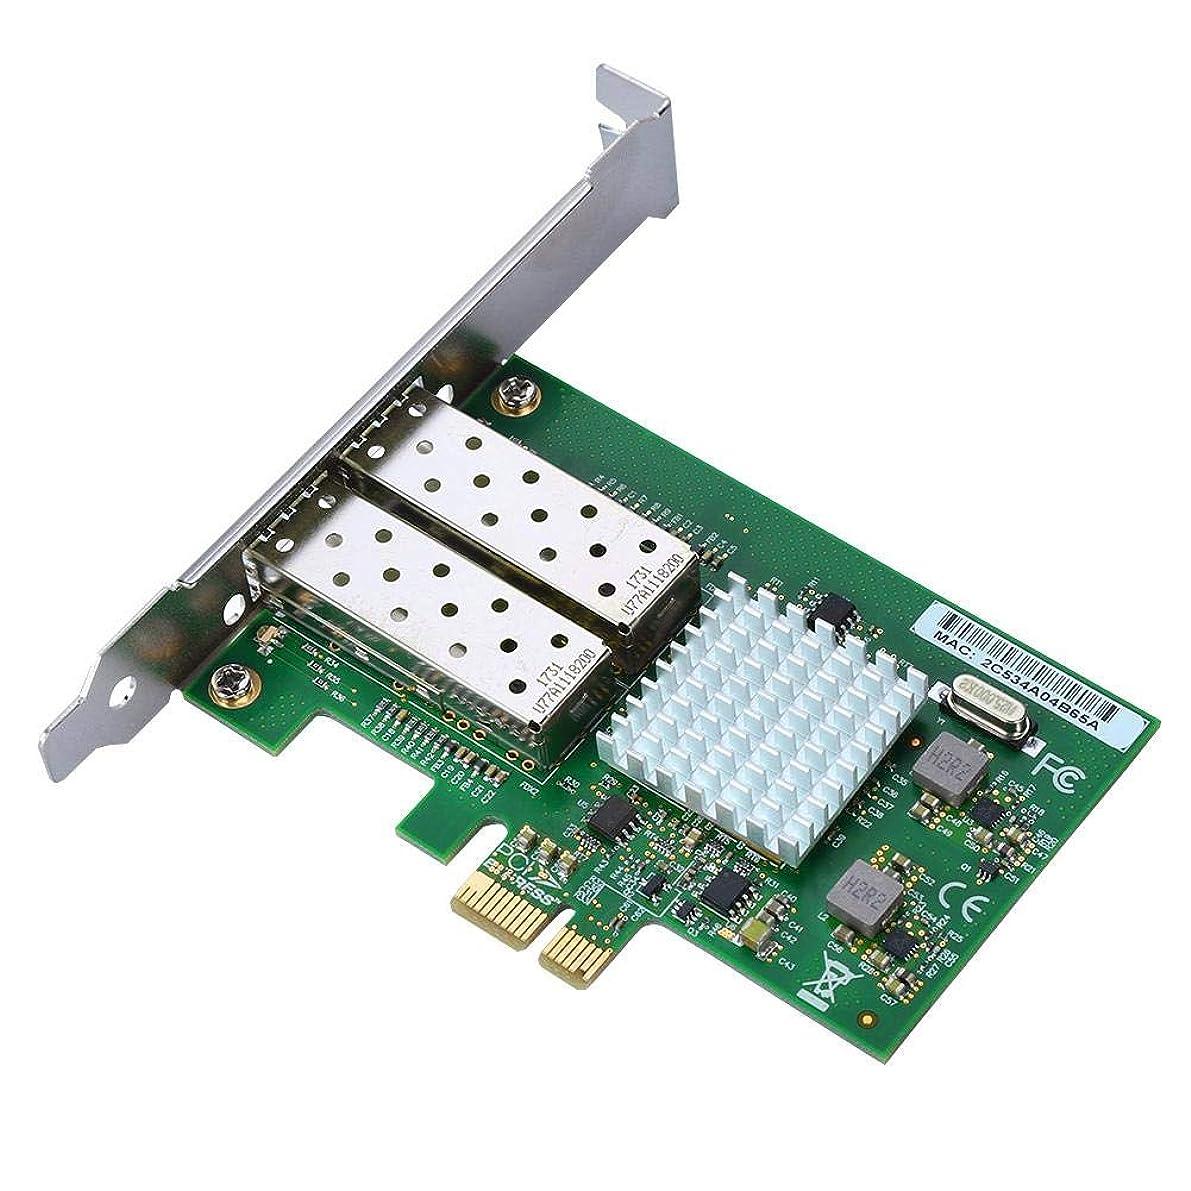 優遇反対量Serounder デュアルギガビット PCI-e ネットワークカード 10/100/1000Mbps デュアルポート RJ45 x 2 イーサネット PCI Express ネットワークアダプターカード Intel 82576-2SFP チップ用 Linux システムとの互換性あり